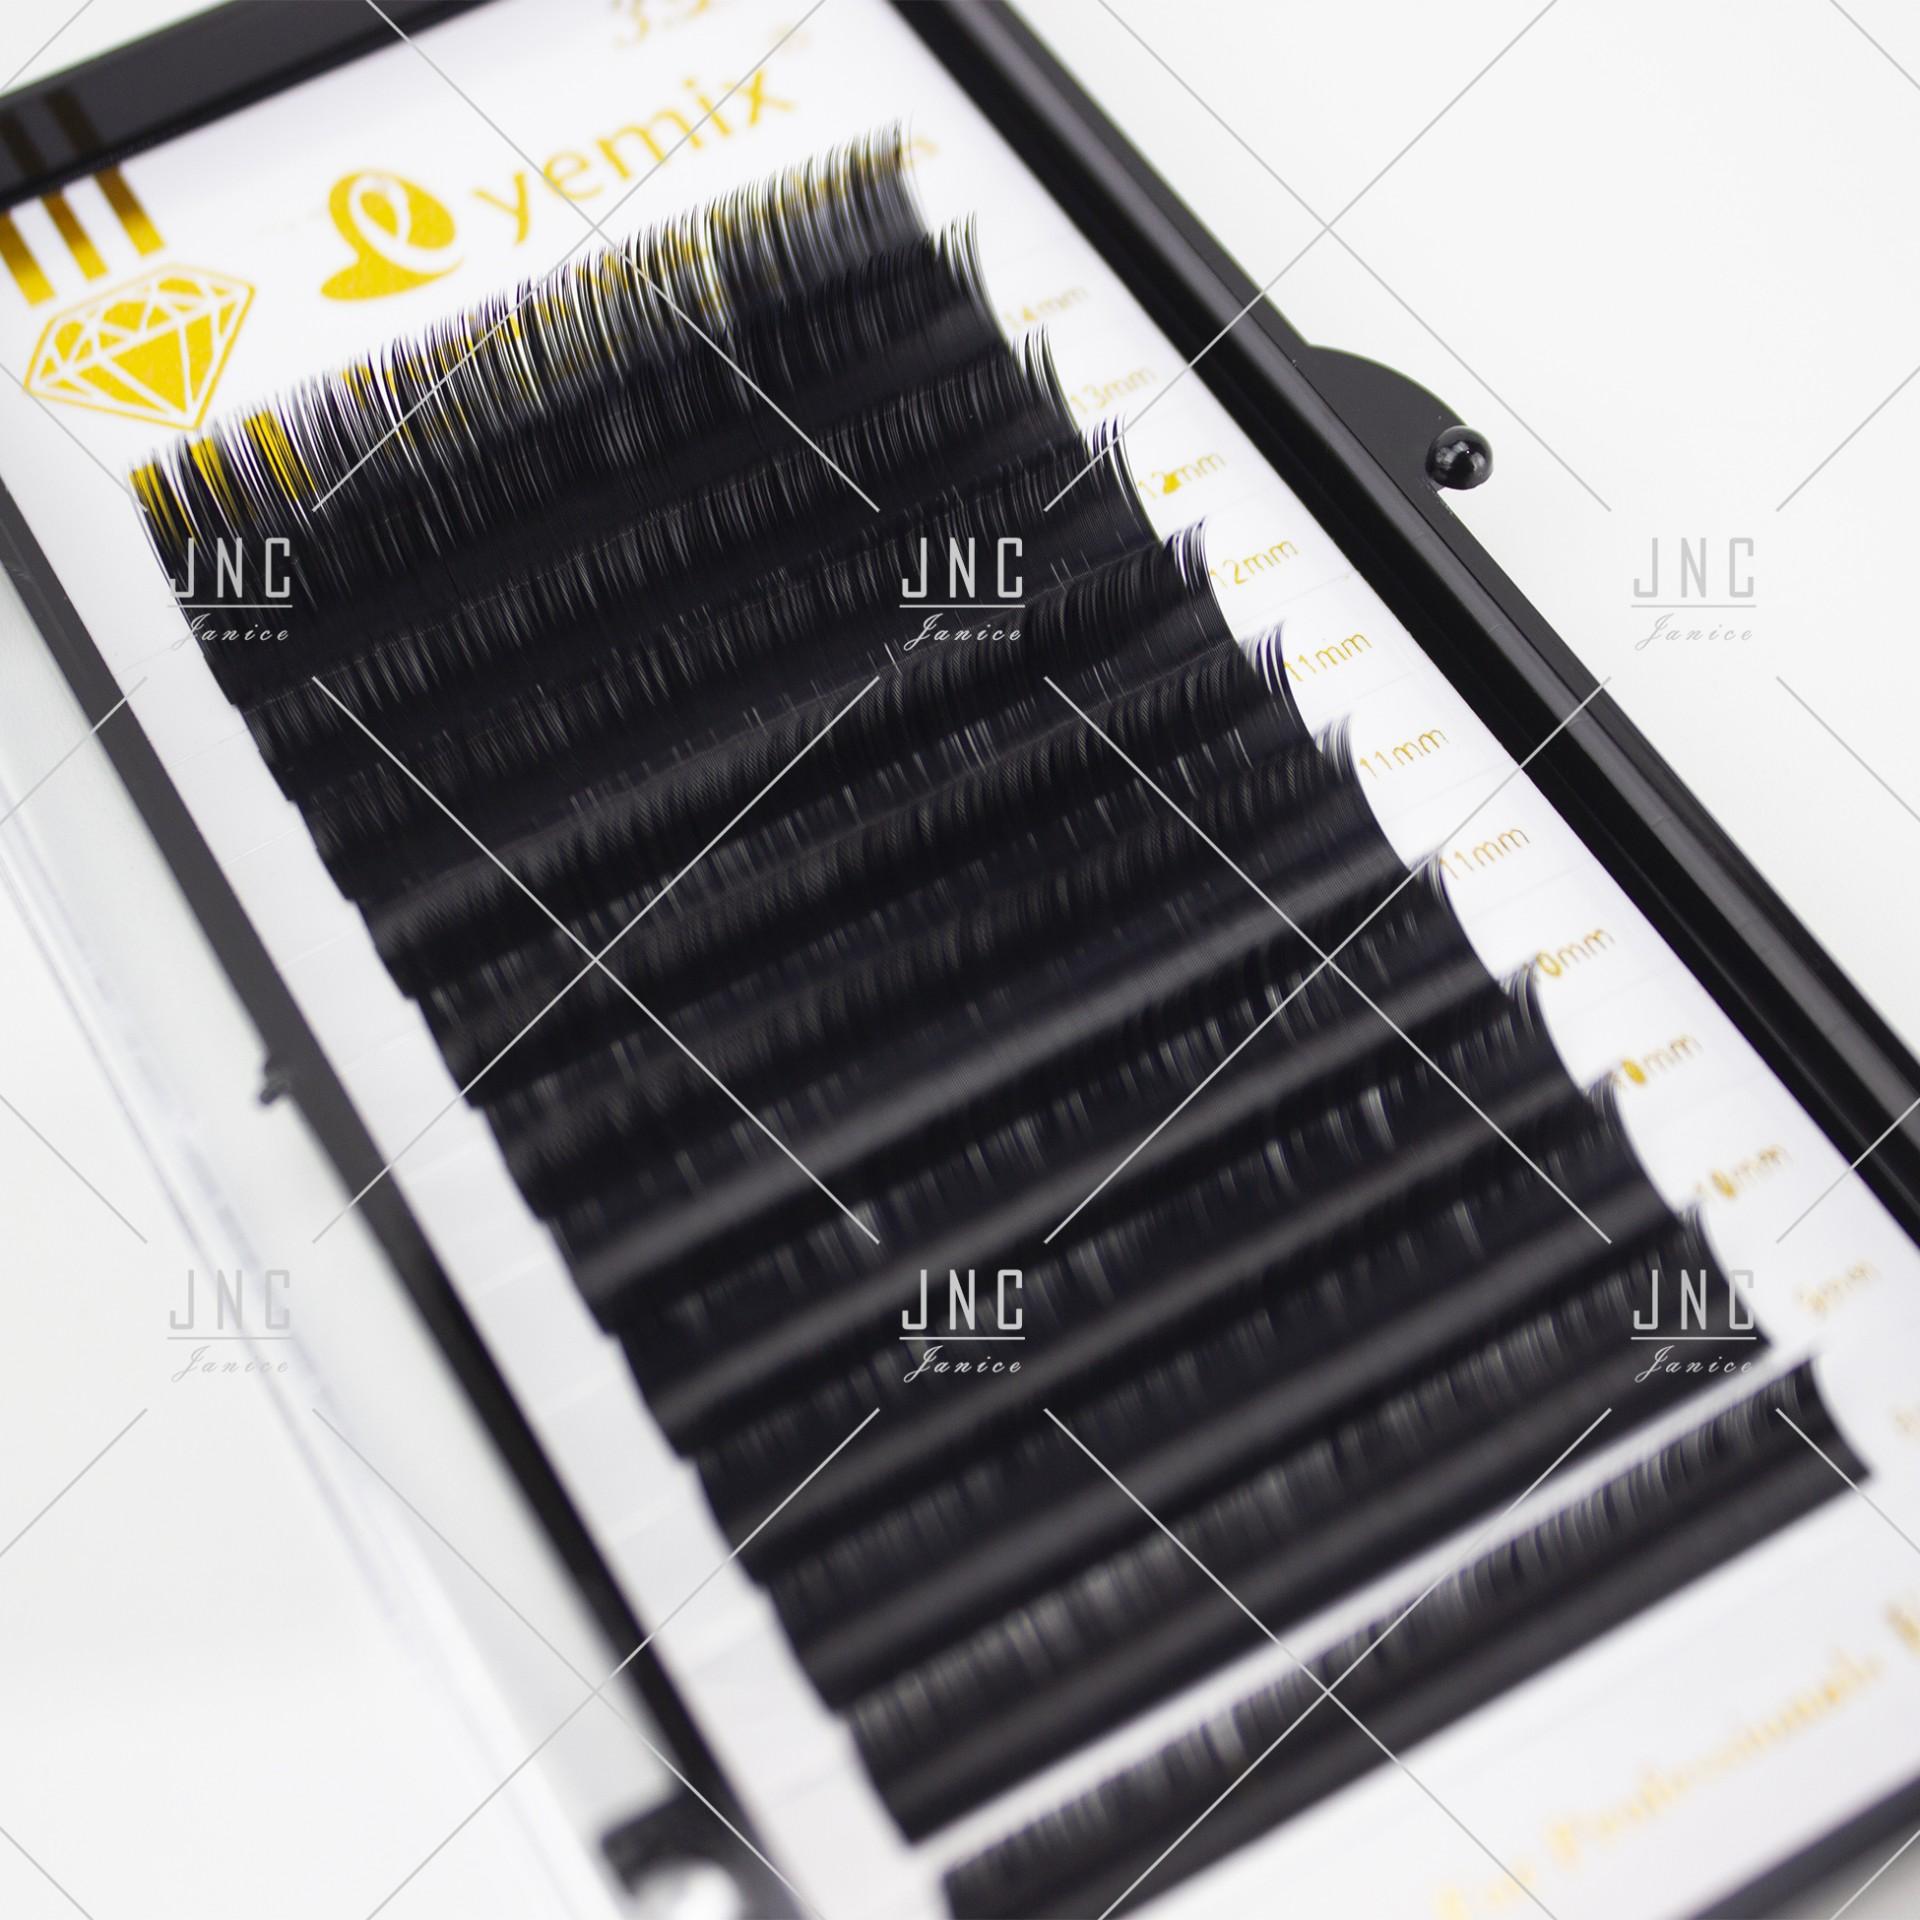 Extensão de Pestanas Eyemix - Mist 8mm a 14mm - 0.10C | Ref.862463